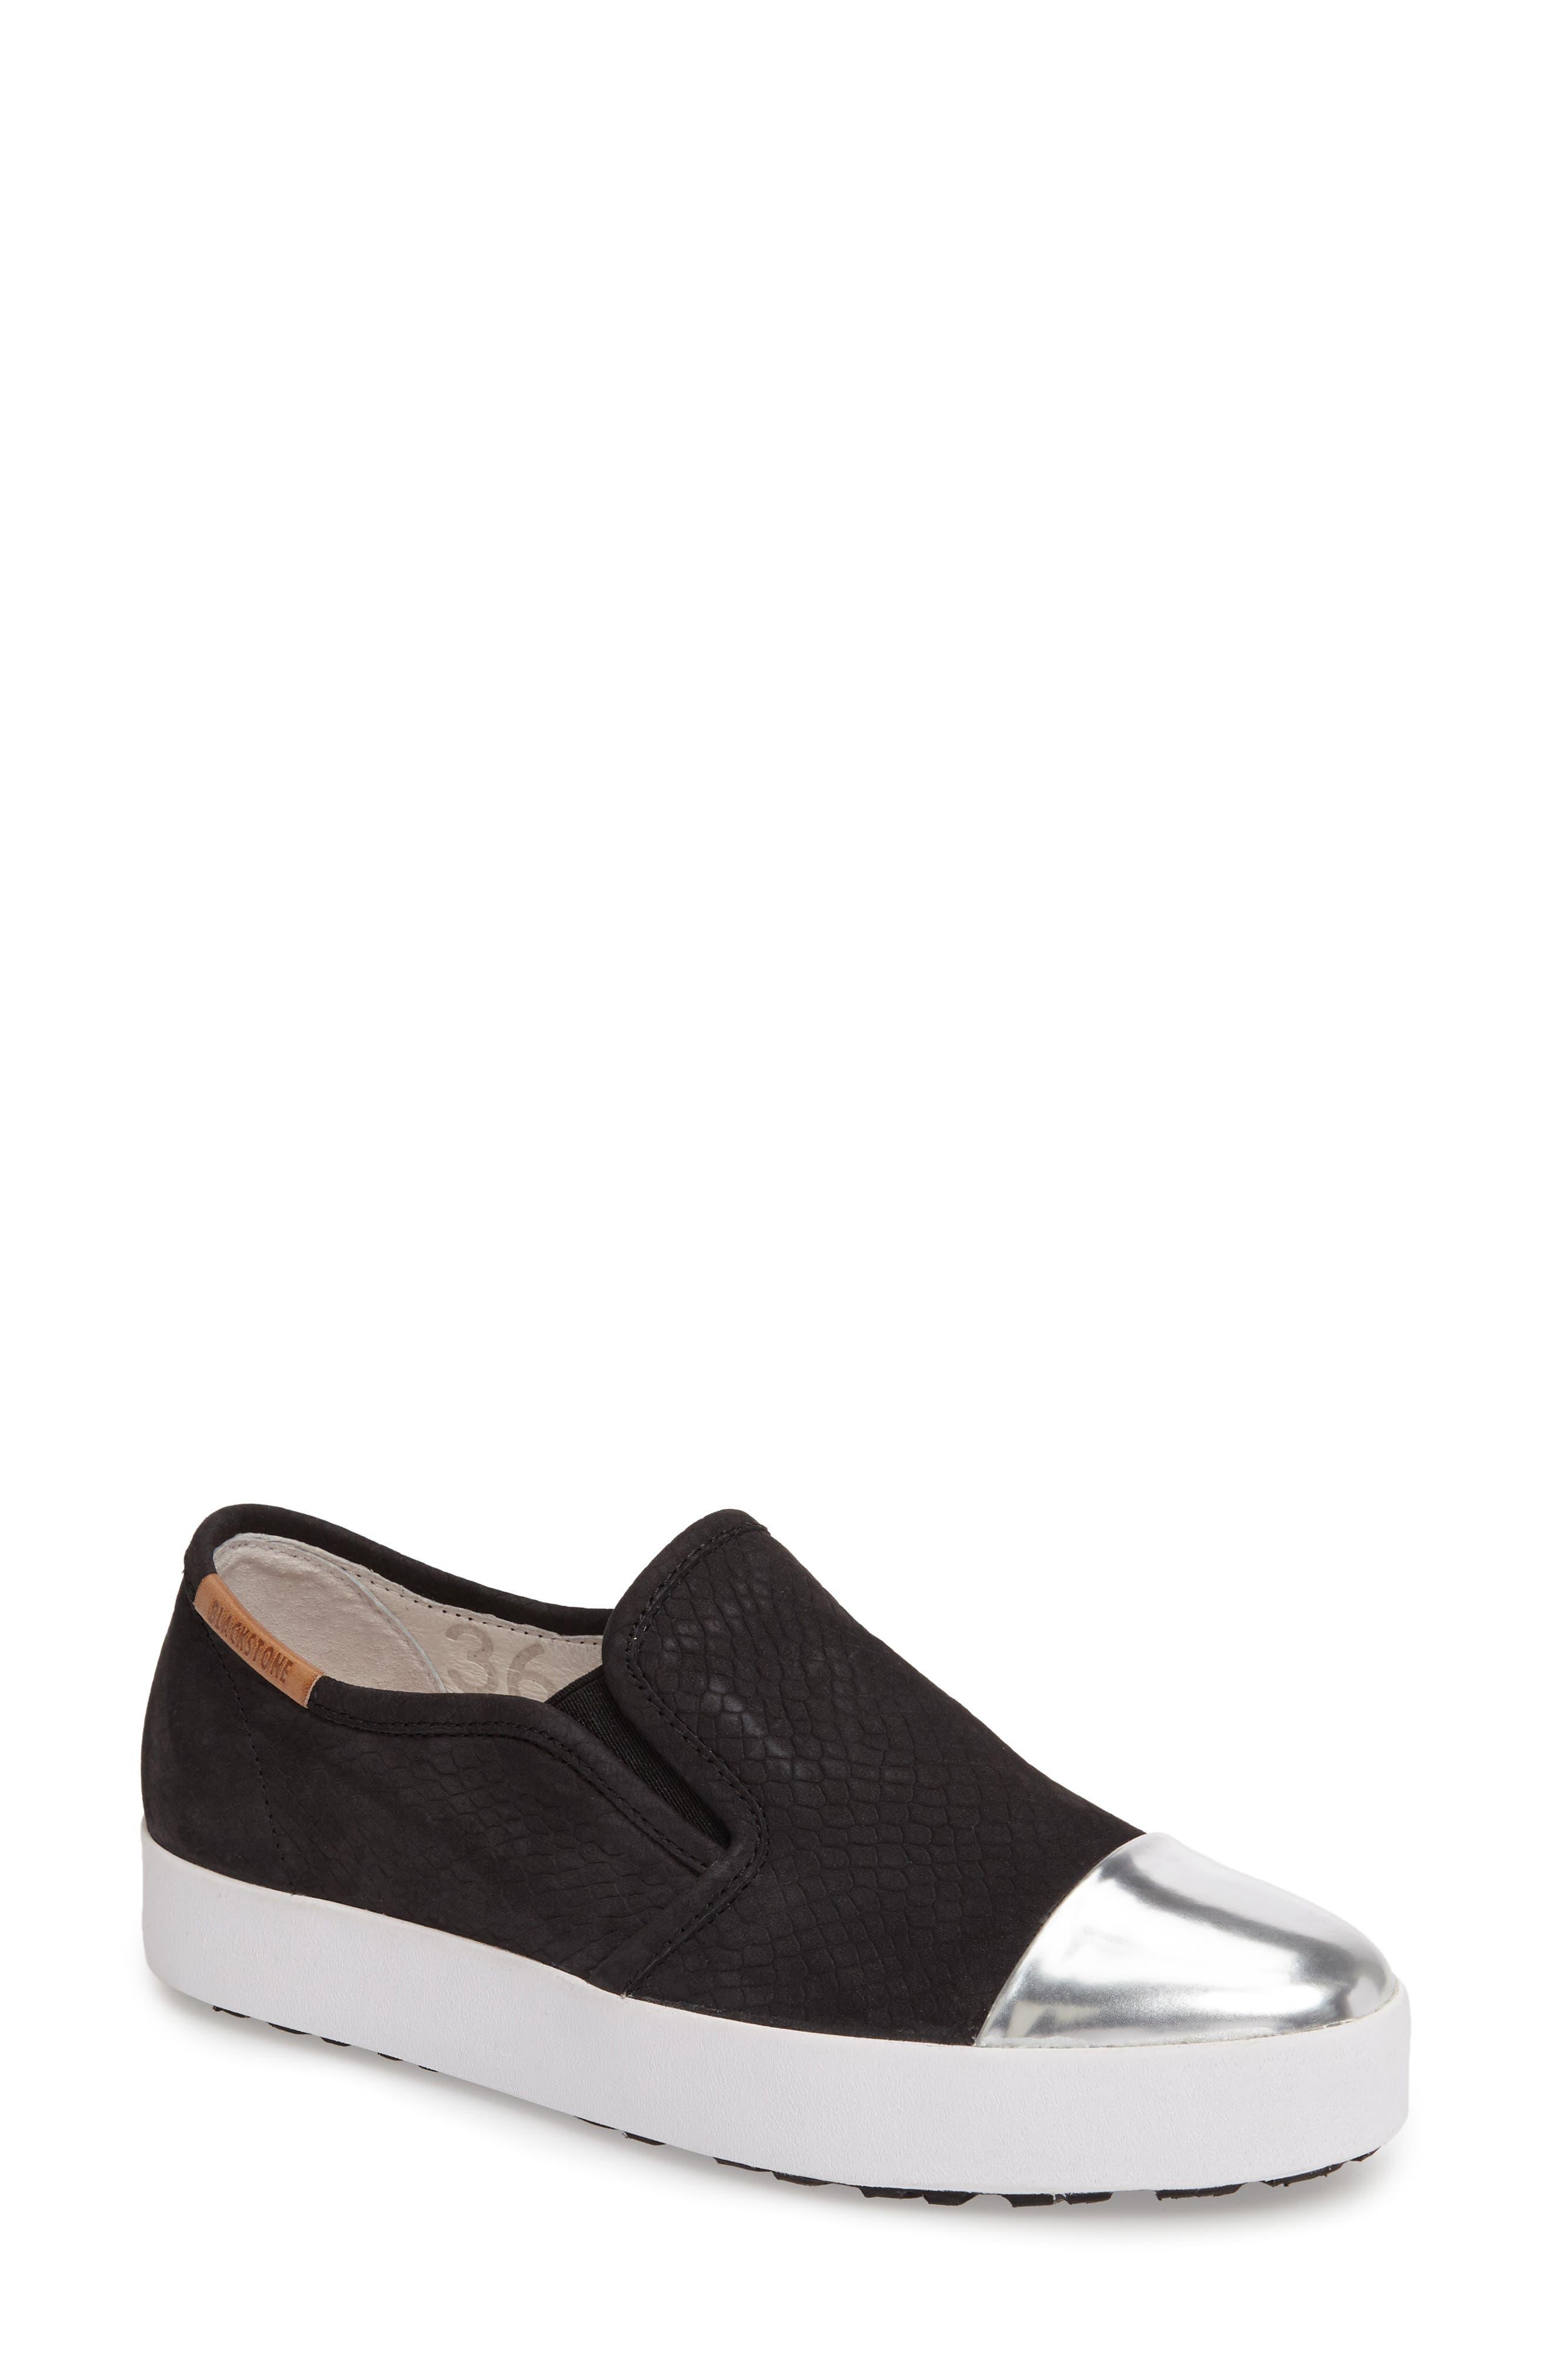 NL47 Slip-On Sneaker,                             Main thumbnail 1, color,                             001